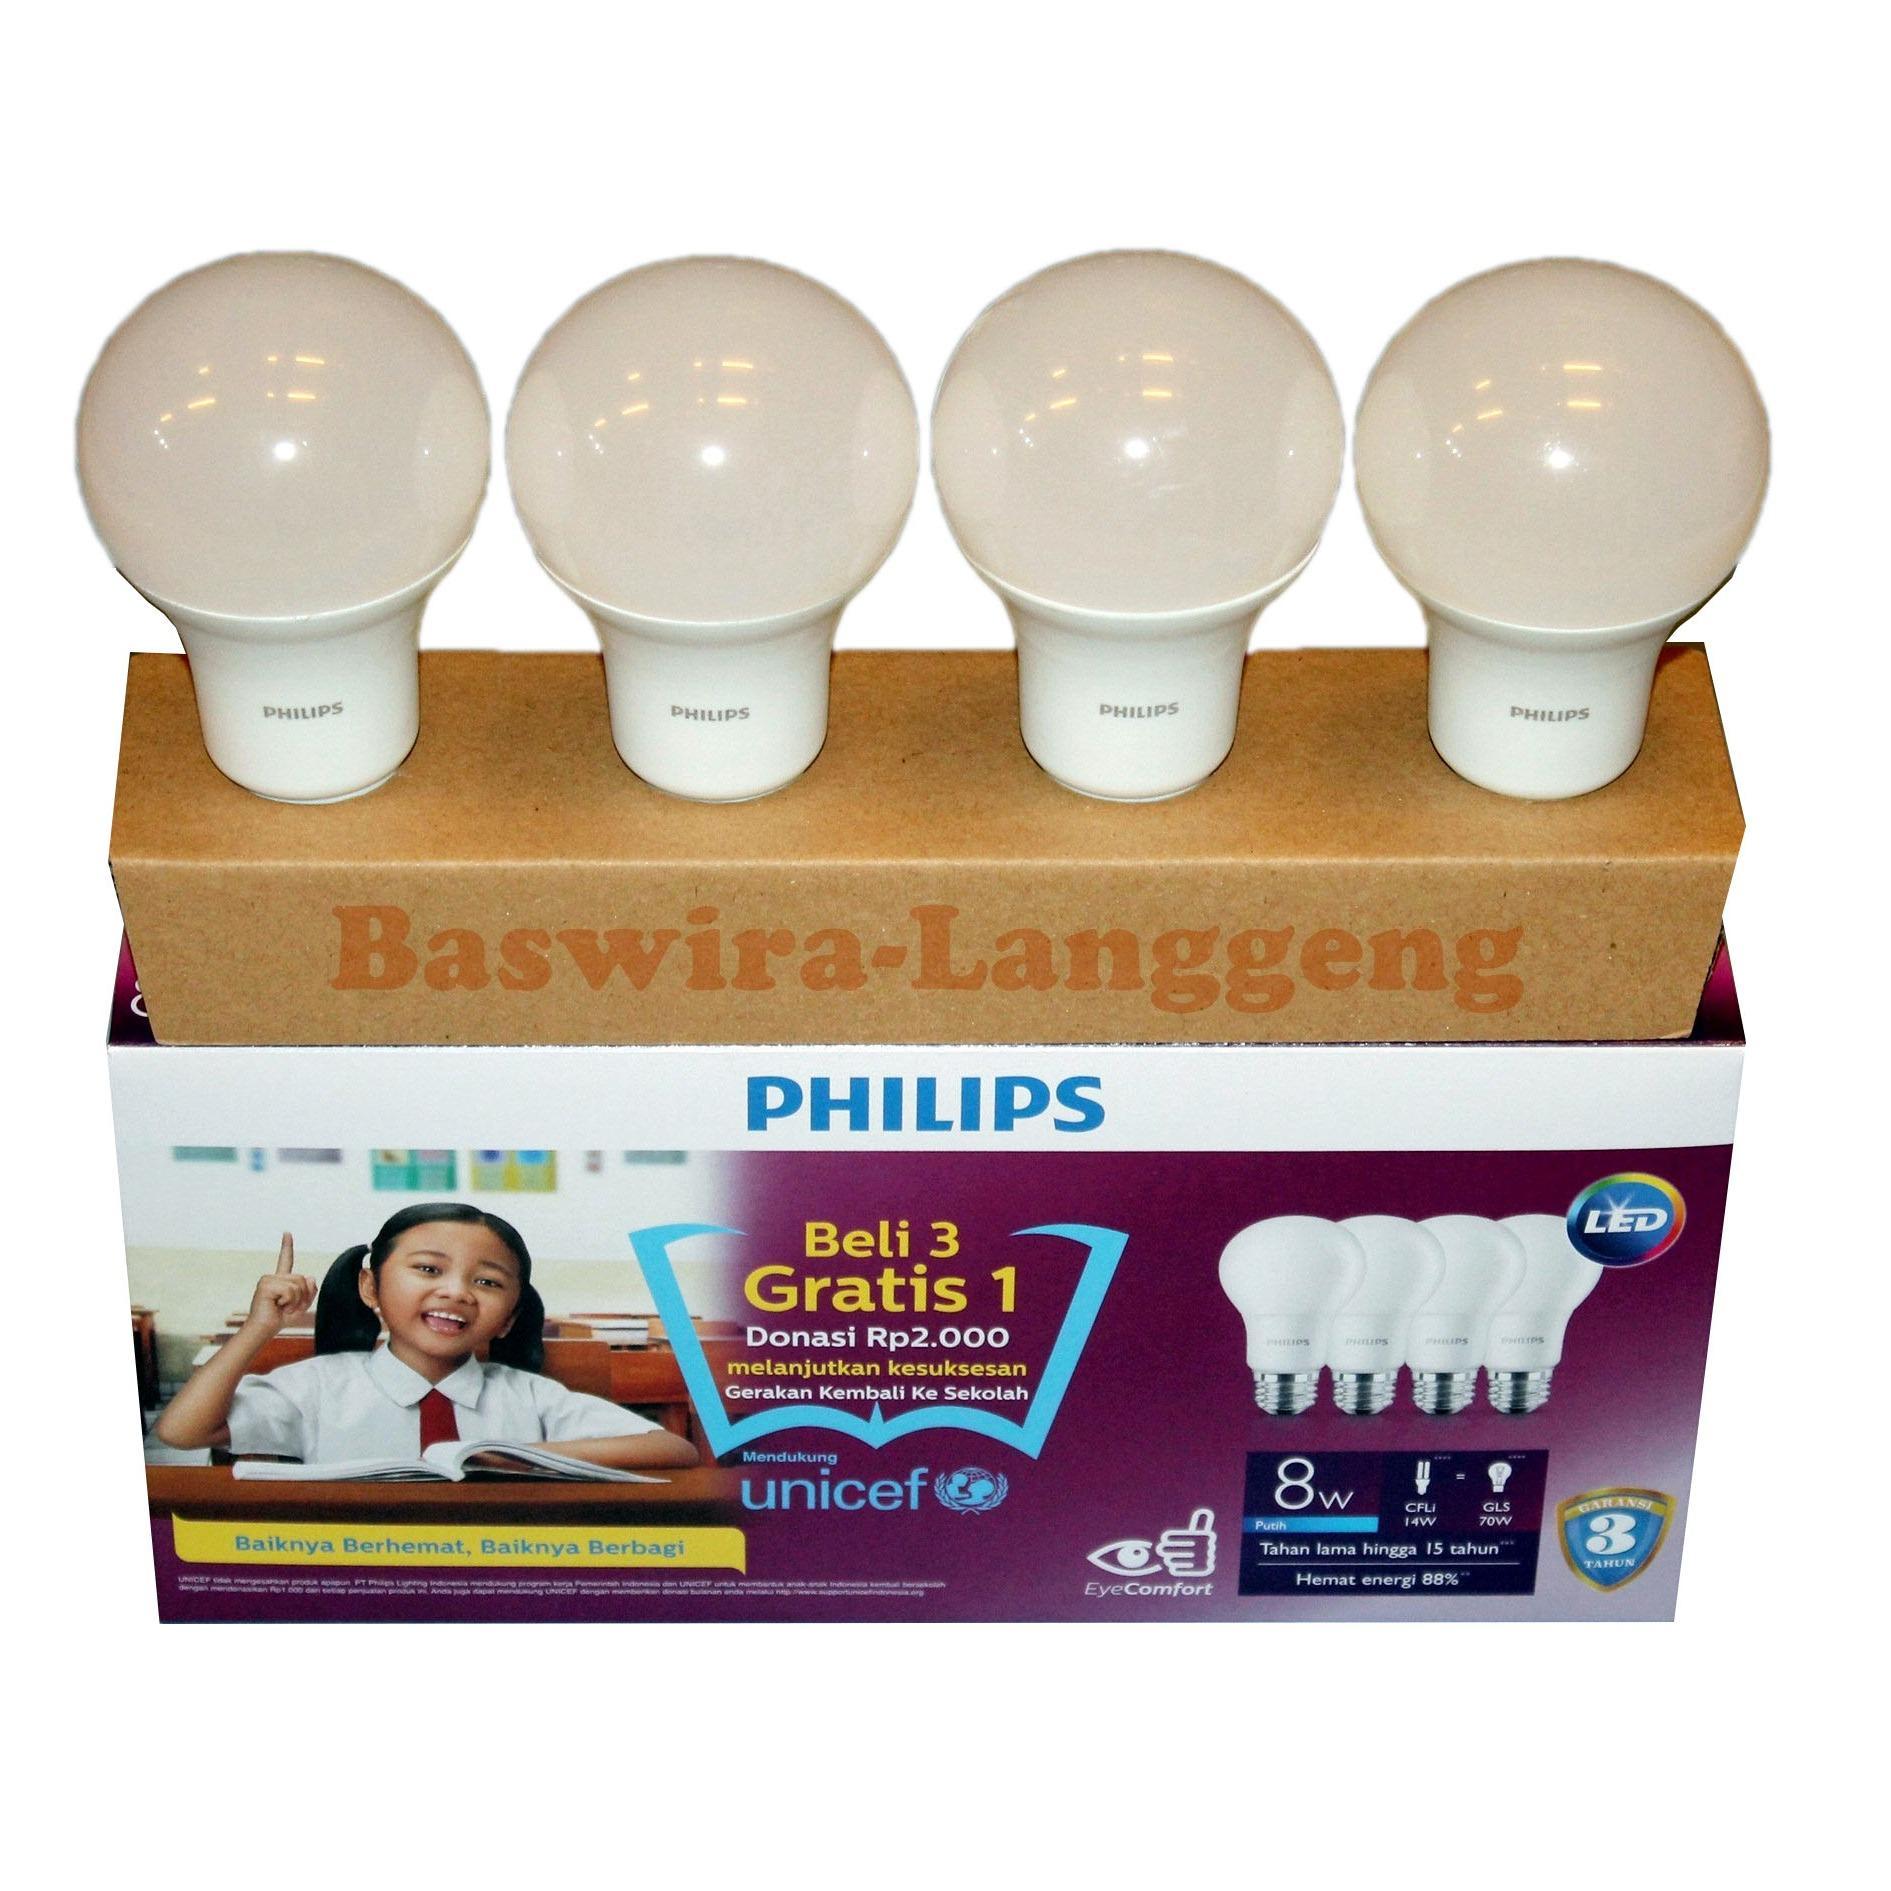 PHILIPS Lampu Led Bulb 8 Watt UNICEF Paket Beli 3 Gratis 1 Putih